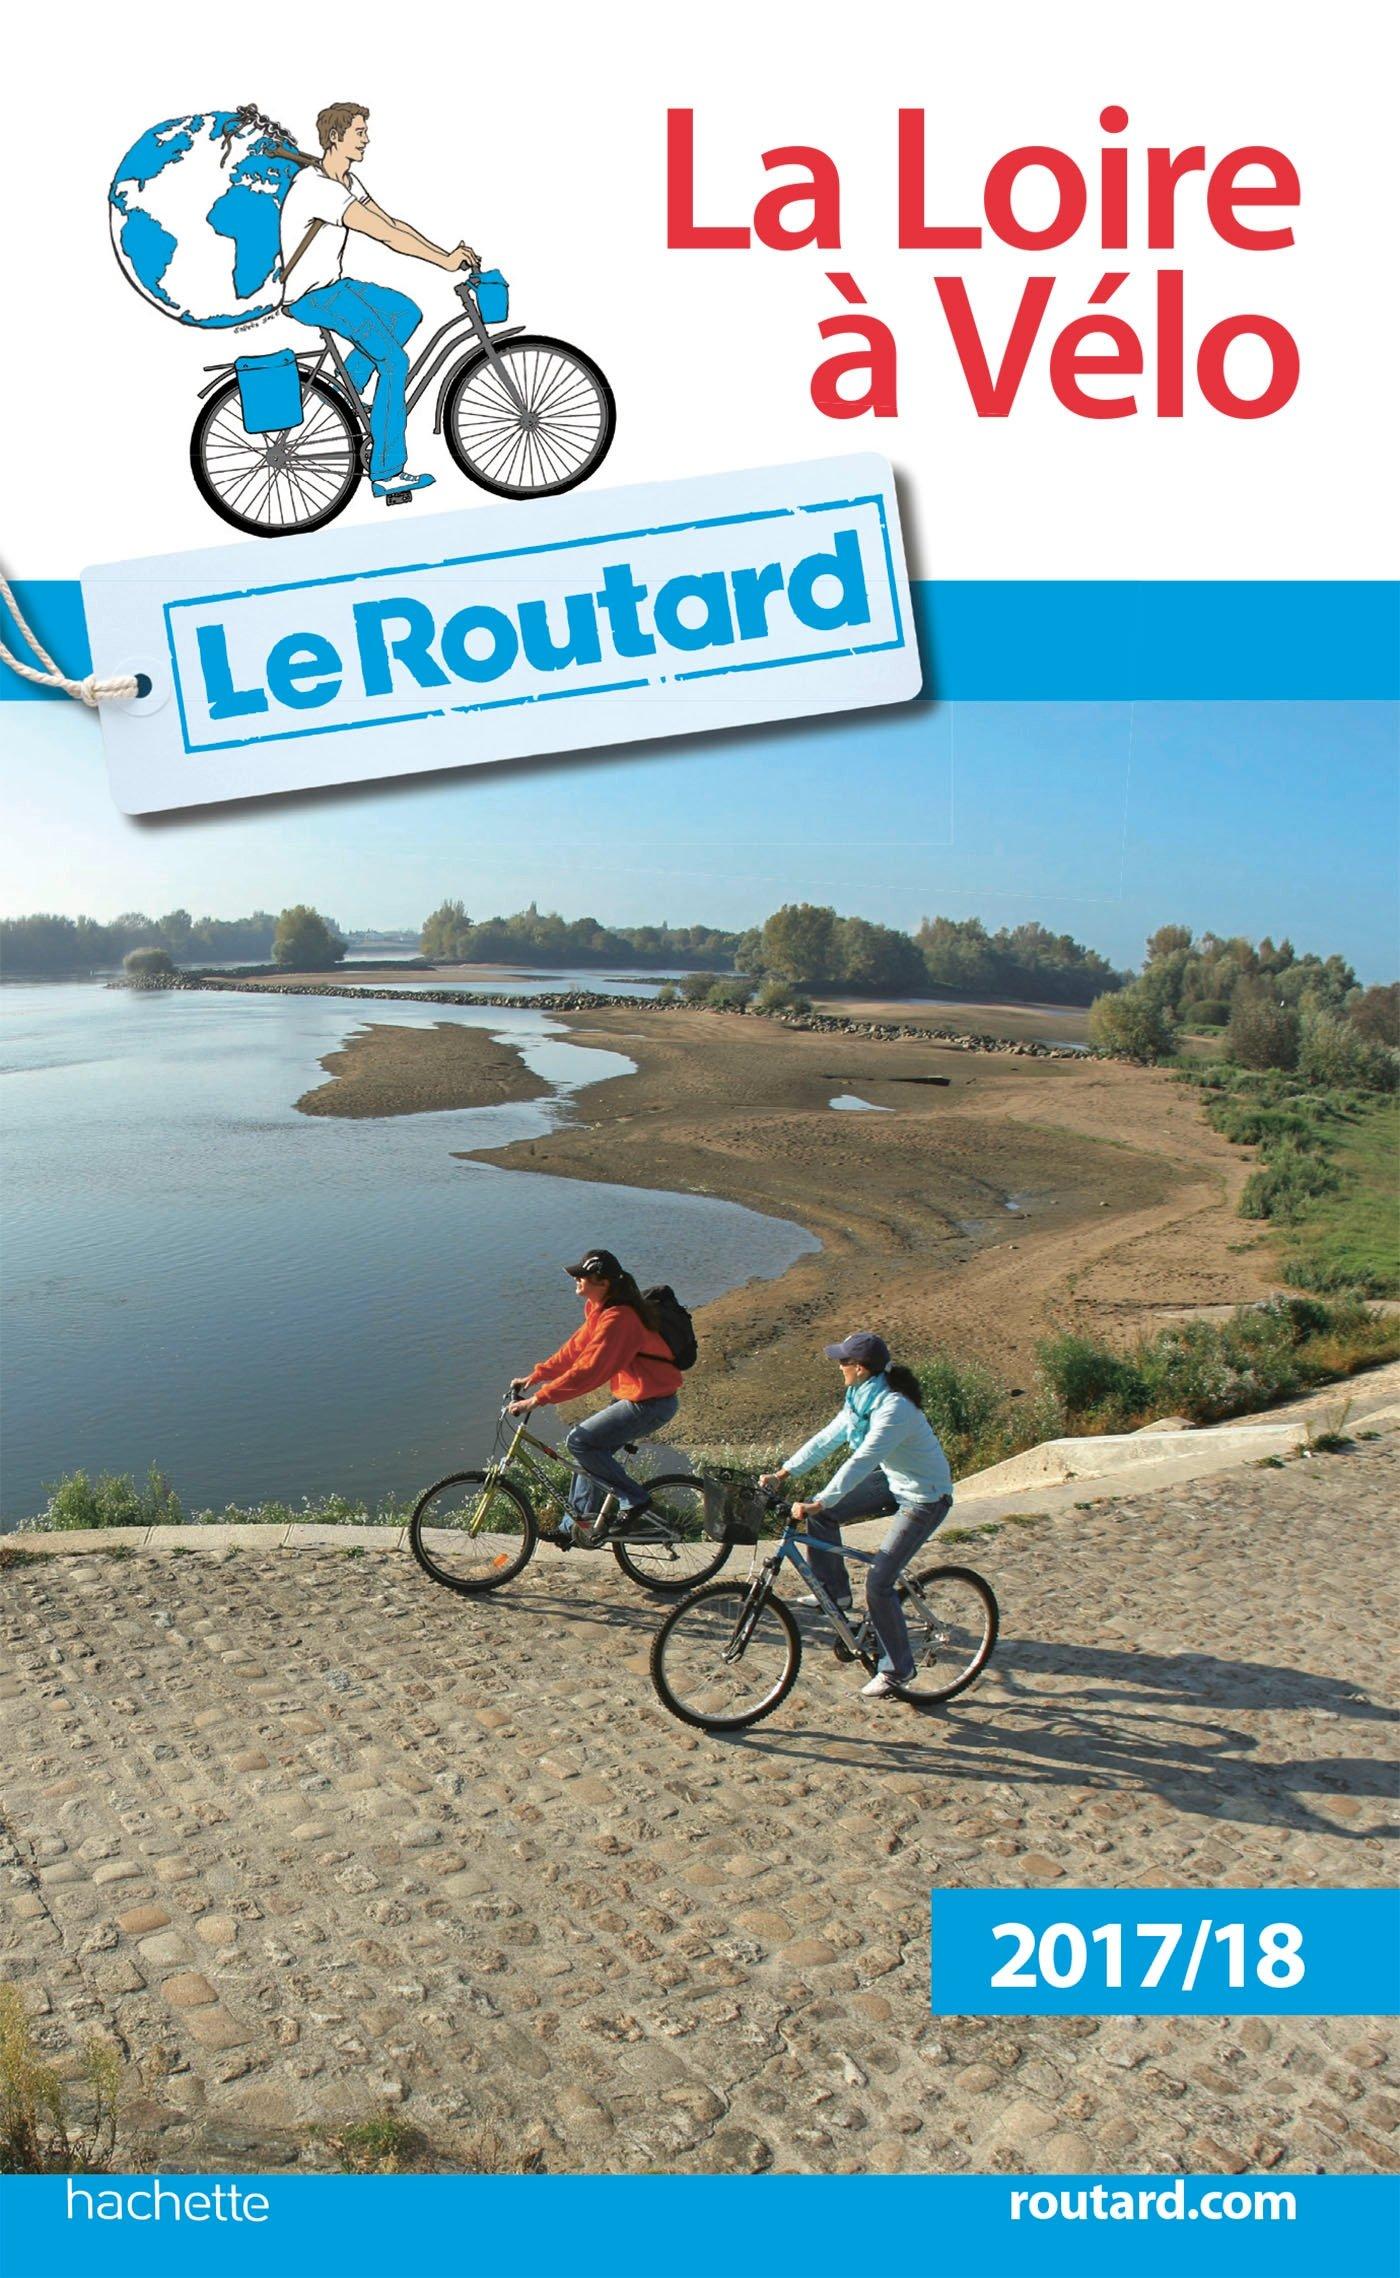 Guide du Routard Loire à vélo 2017/18 (Le Routard): Amazon.es ...